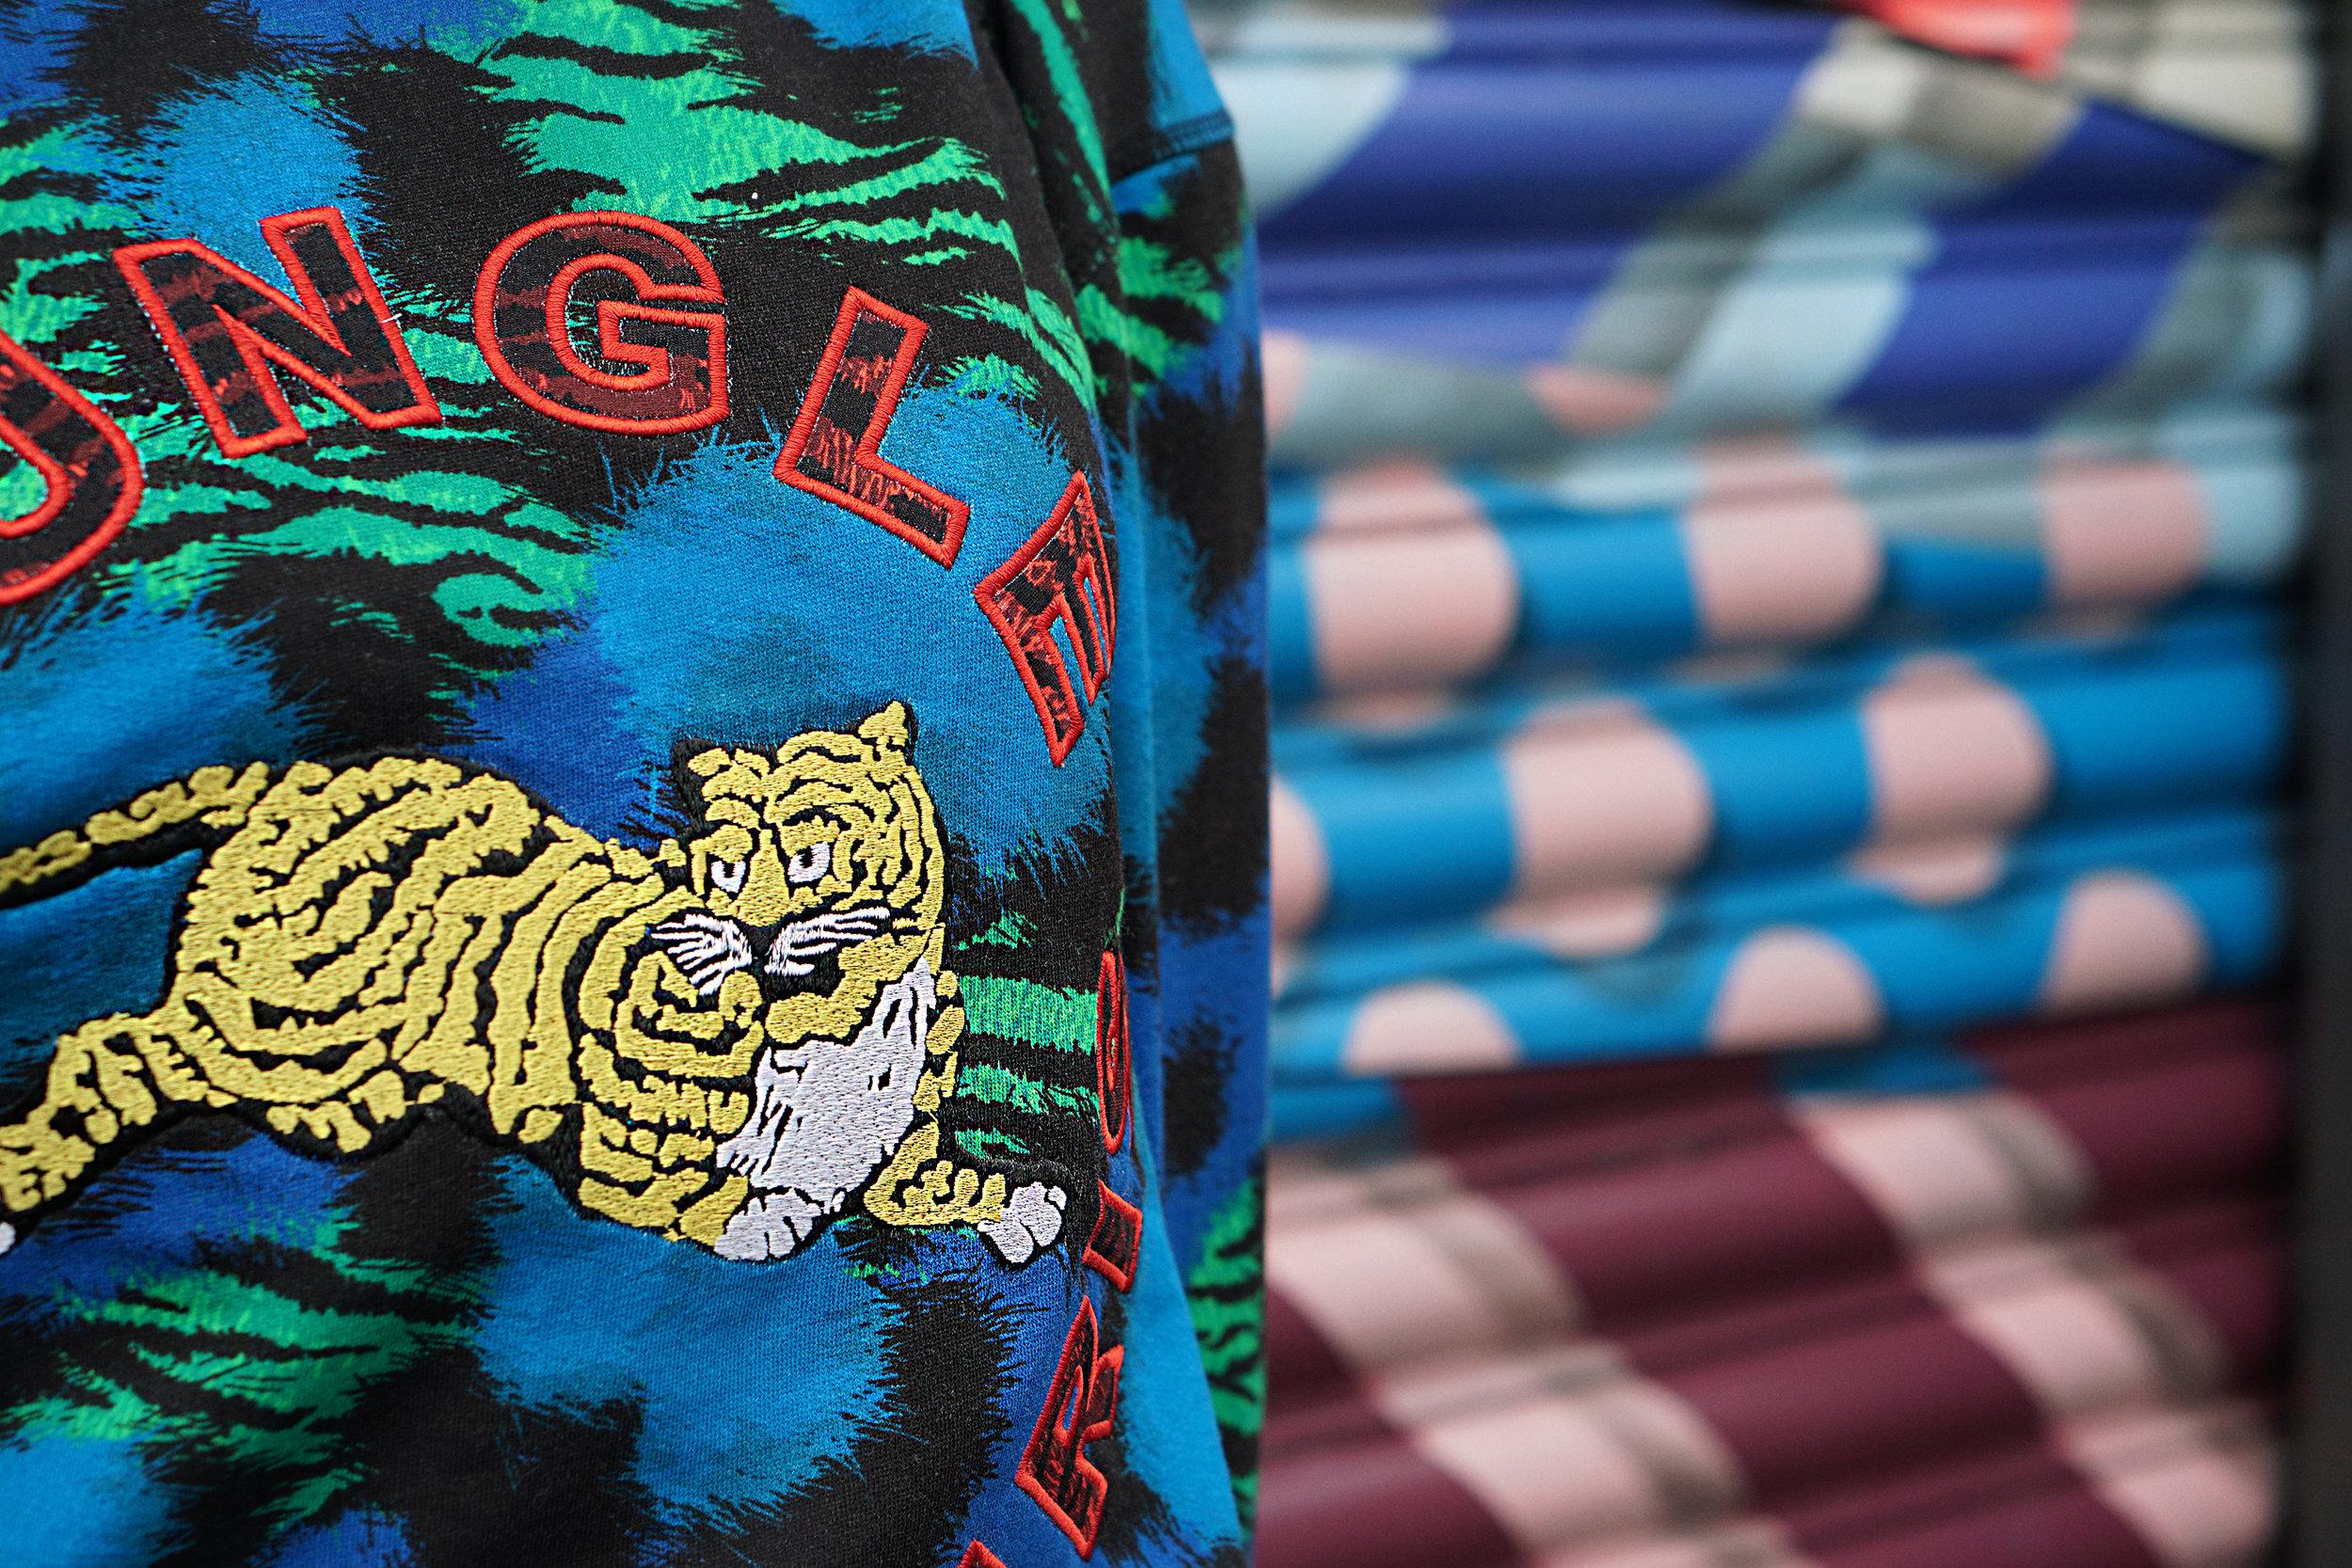 Vikkipedia-Welcome-To-The-Jungle-Part2-Sweatshirt-2-3x2.jpg